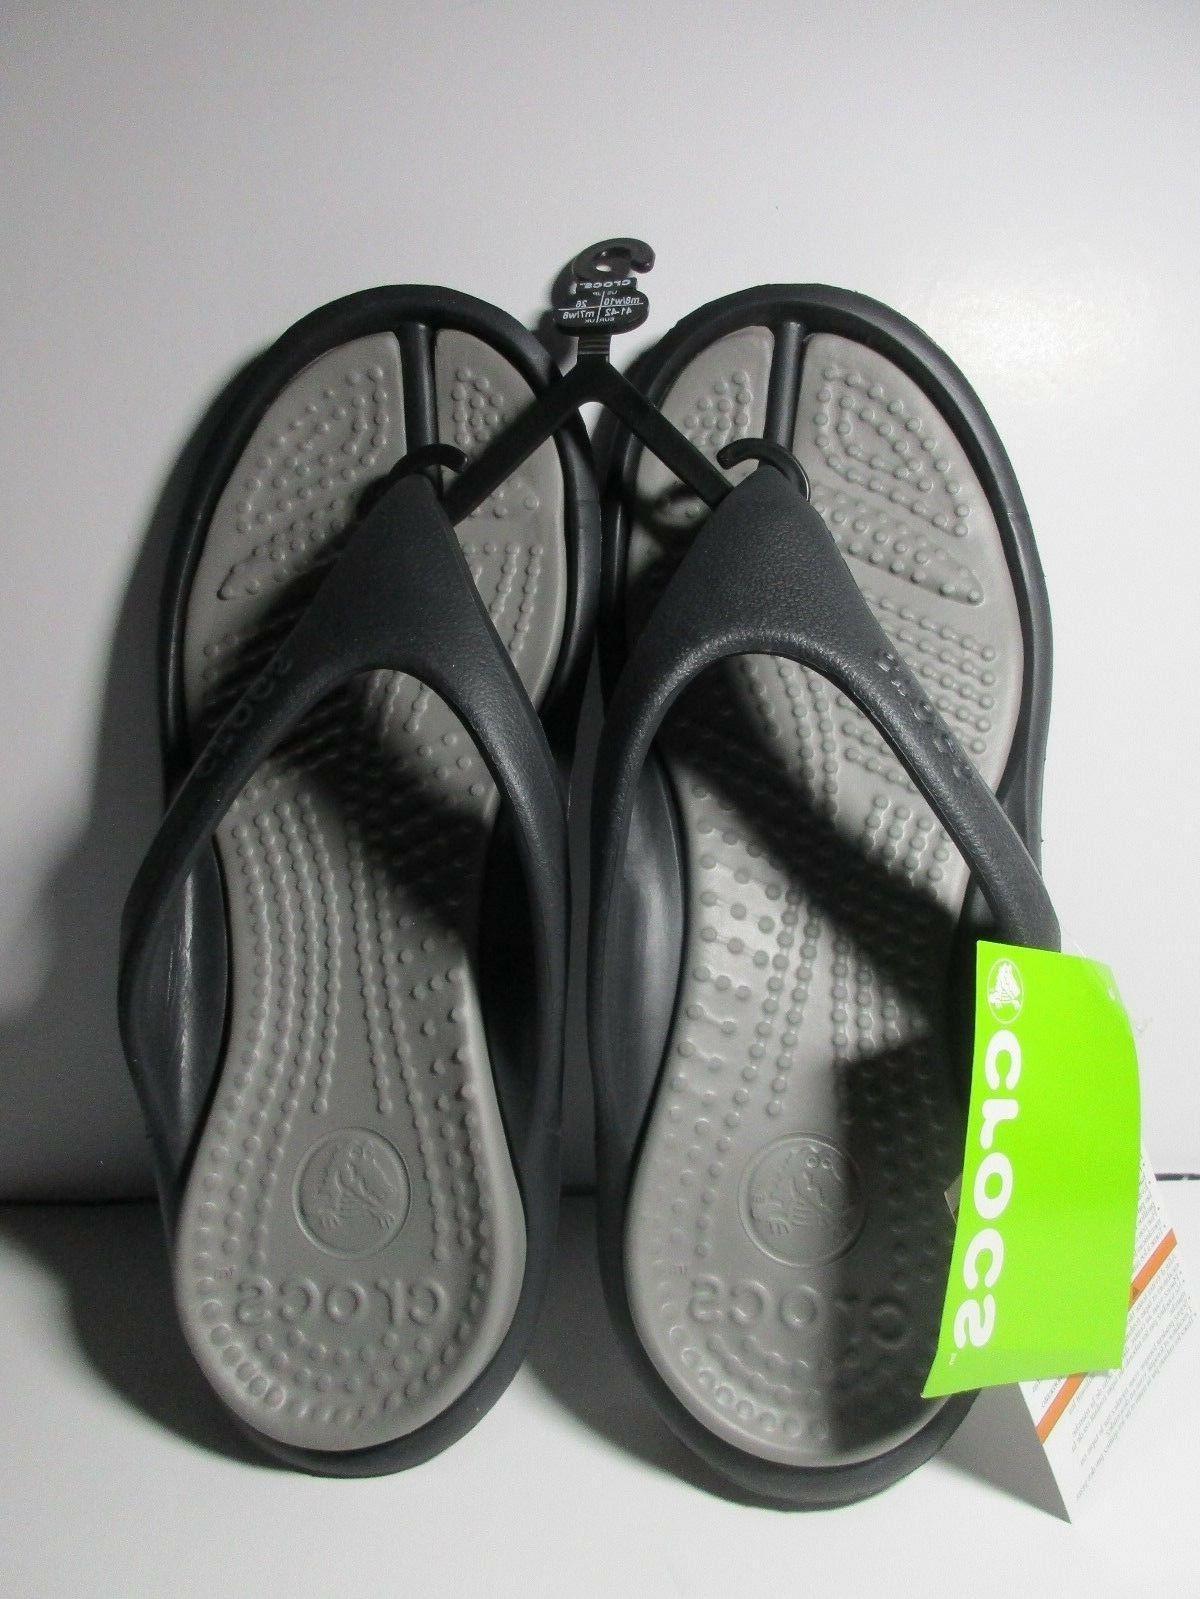 Crocs Athens Flop - Sz 7 / 9 COLOR